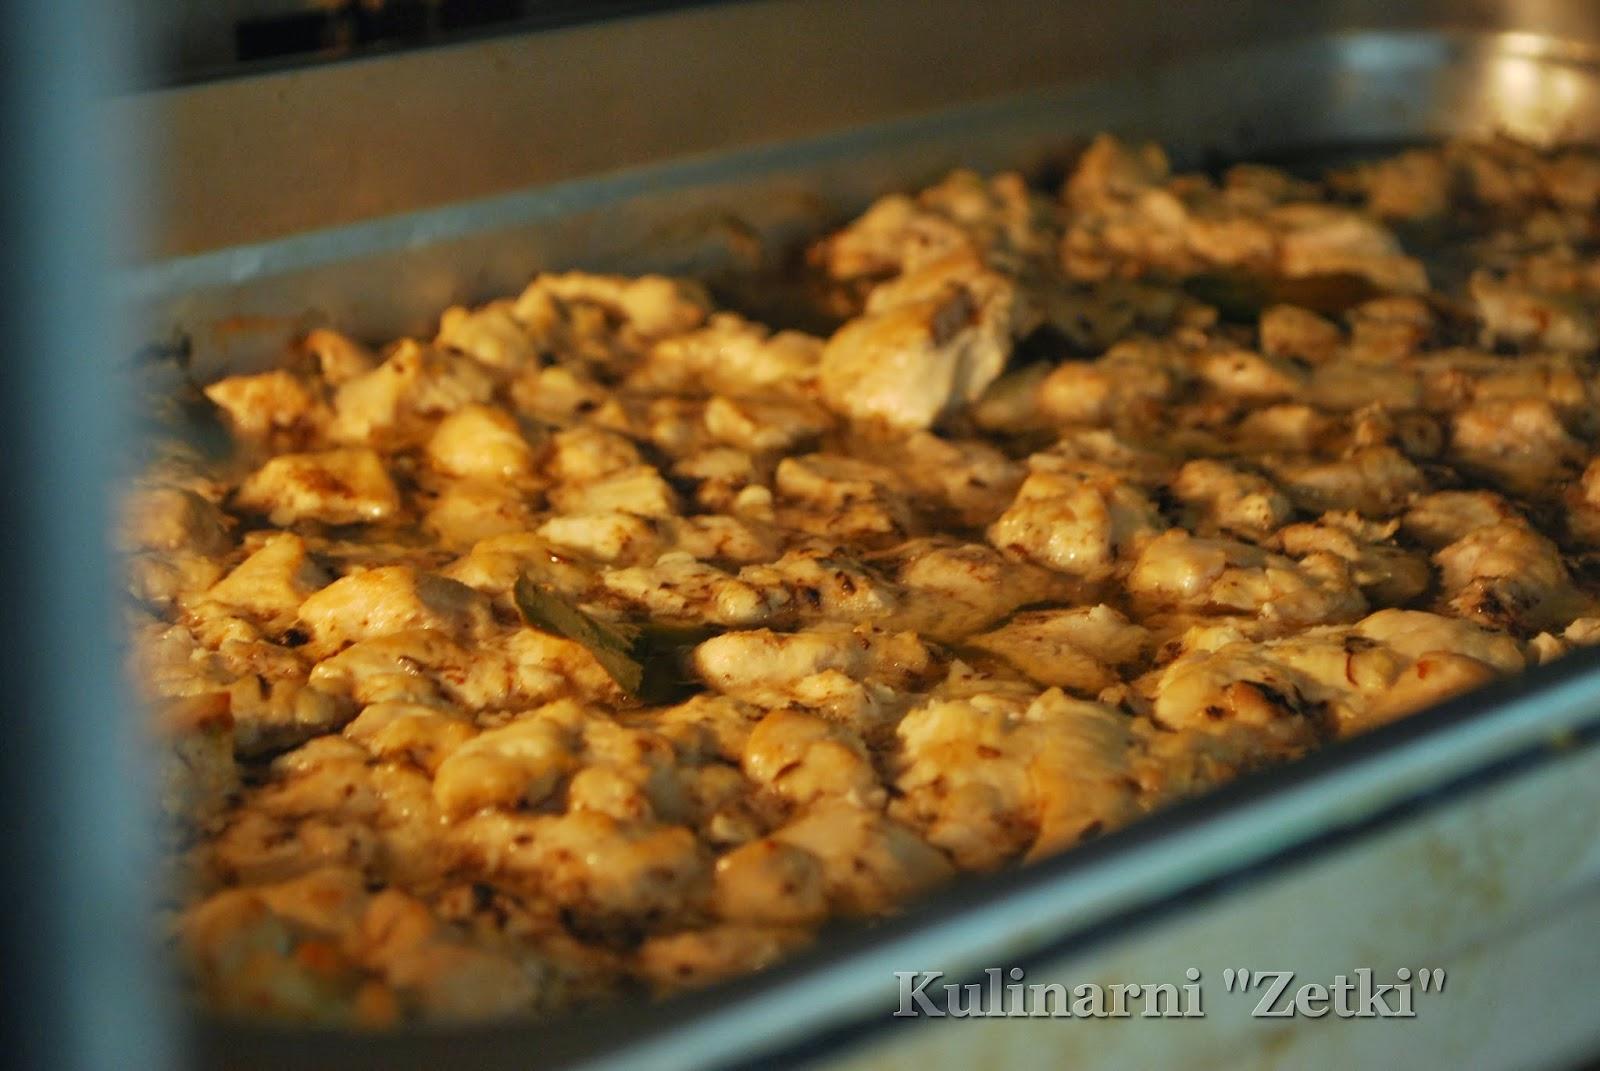 Kulinarni Czyli Uczniowie Zetki Pichca Kurczak W Coli I Miodzie